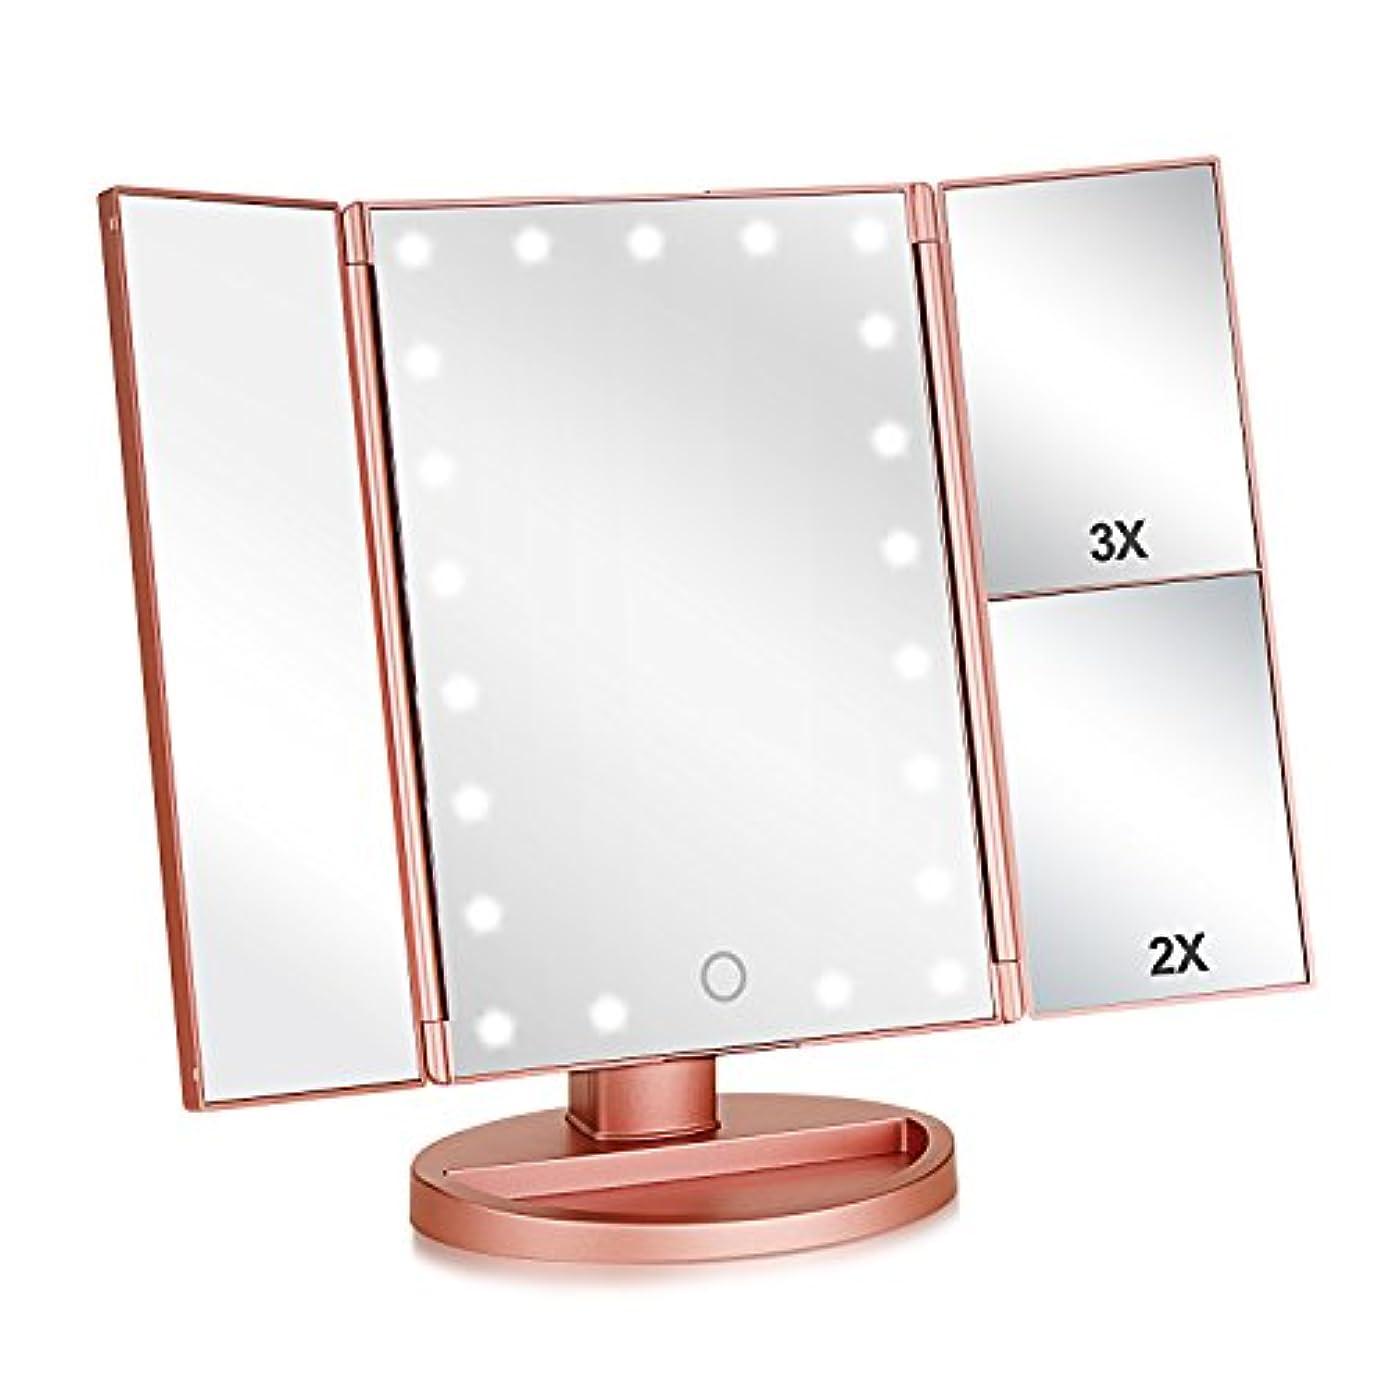 過剰居心地の良いトランクWudeweike 3倍/ 2倍/ 1倍 倍率21leds光とタッチスクリーン180度自由に回転カウンター化粧鏡トラベル化粧鏡と照明付き洗面化粧台化粧鏡を三つ折り ローズゴールド